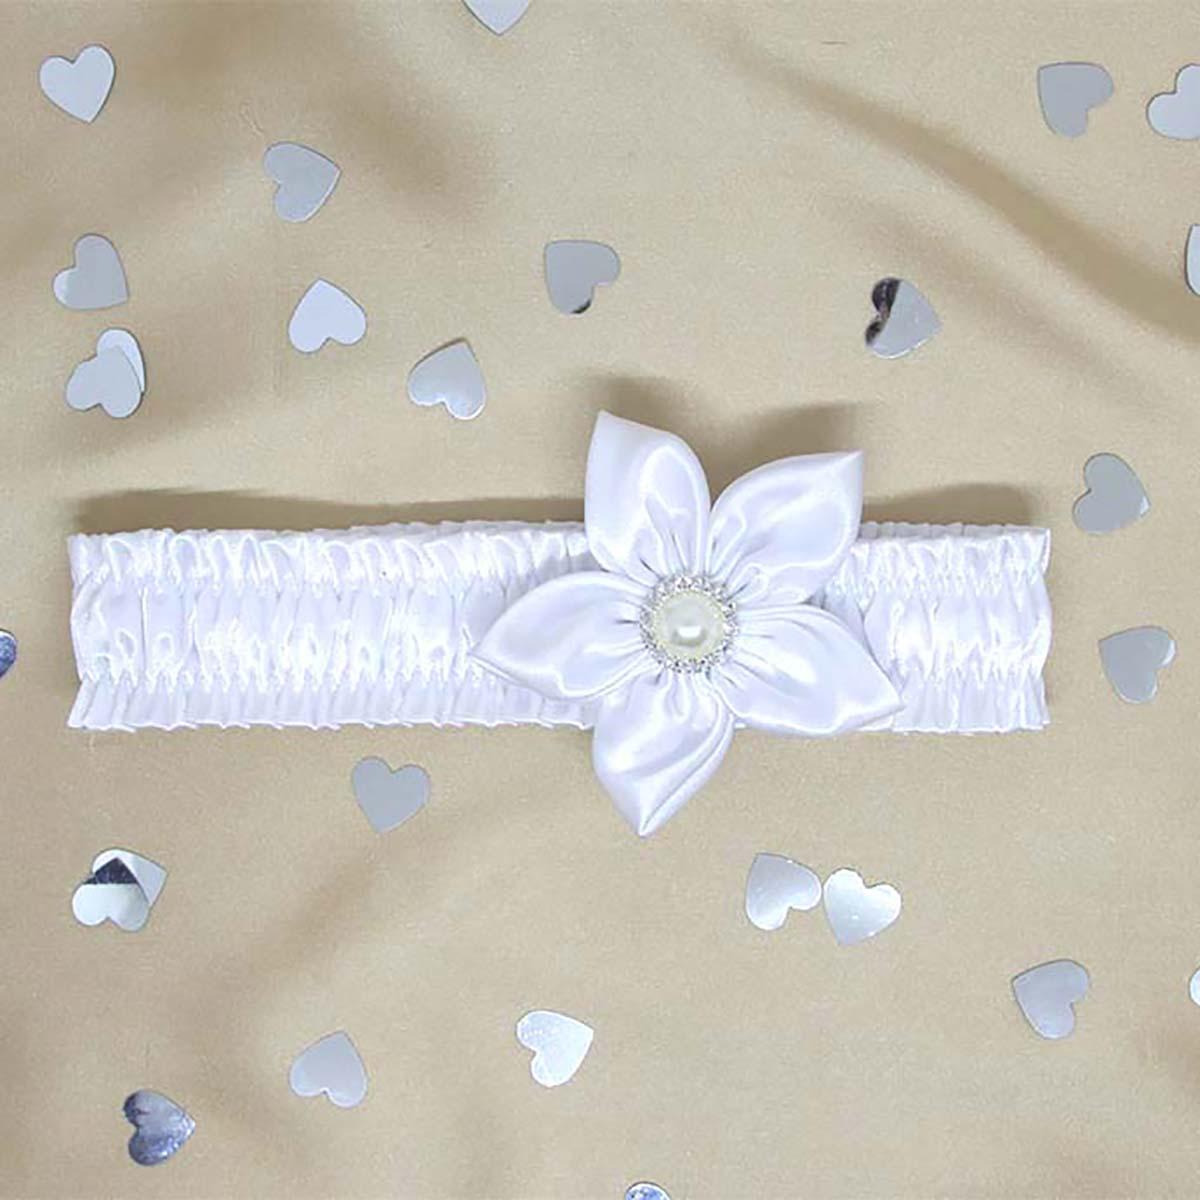 trakica za krštenje bijeli cvijet